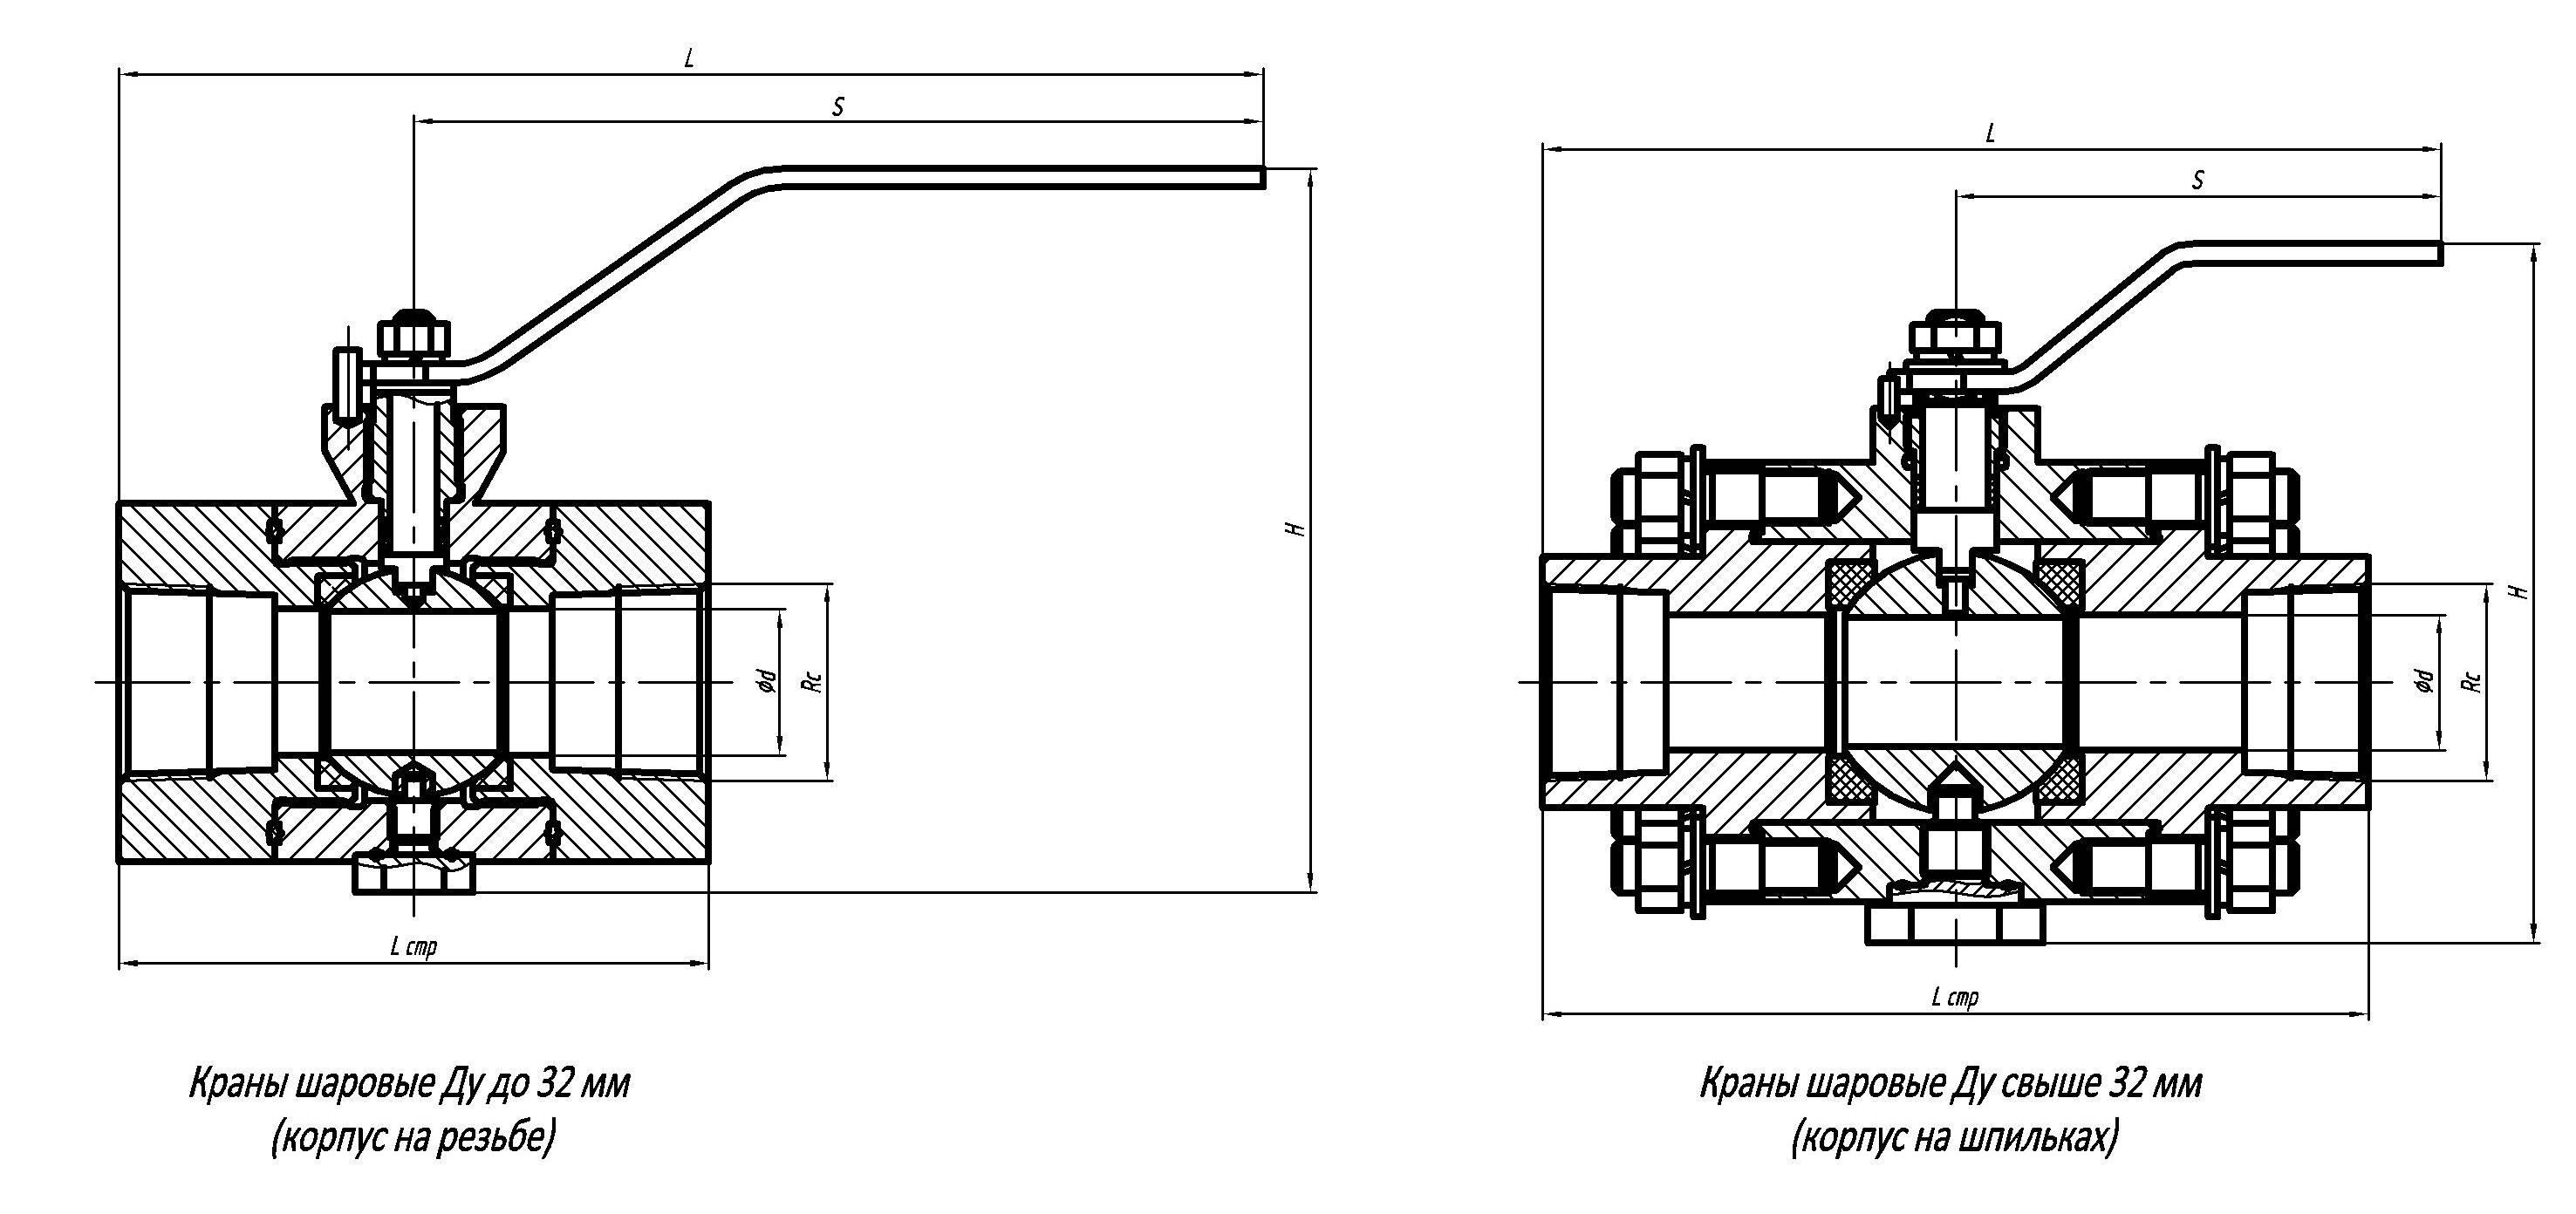 Шаровый фланцевый кран: шаровые стальные конструкции ду 50, 80 и 100, межфланцевые нержавеющие варианты